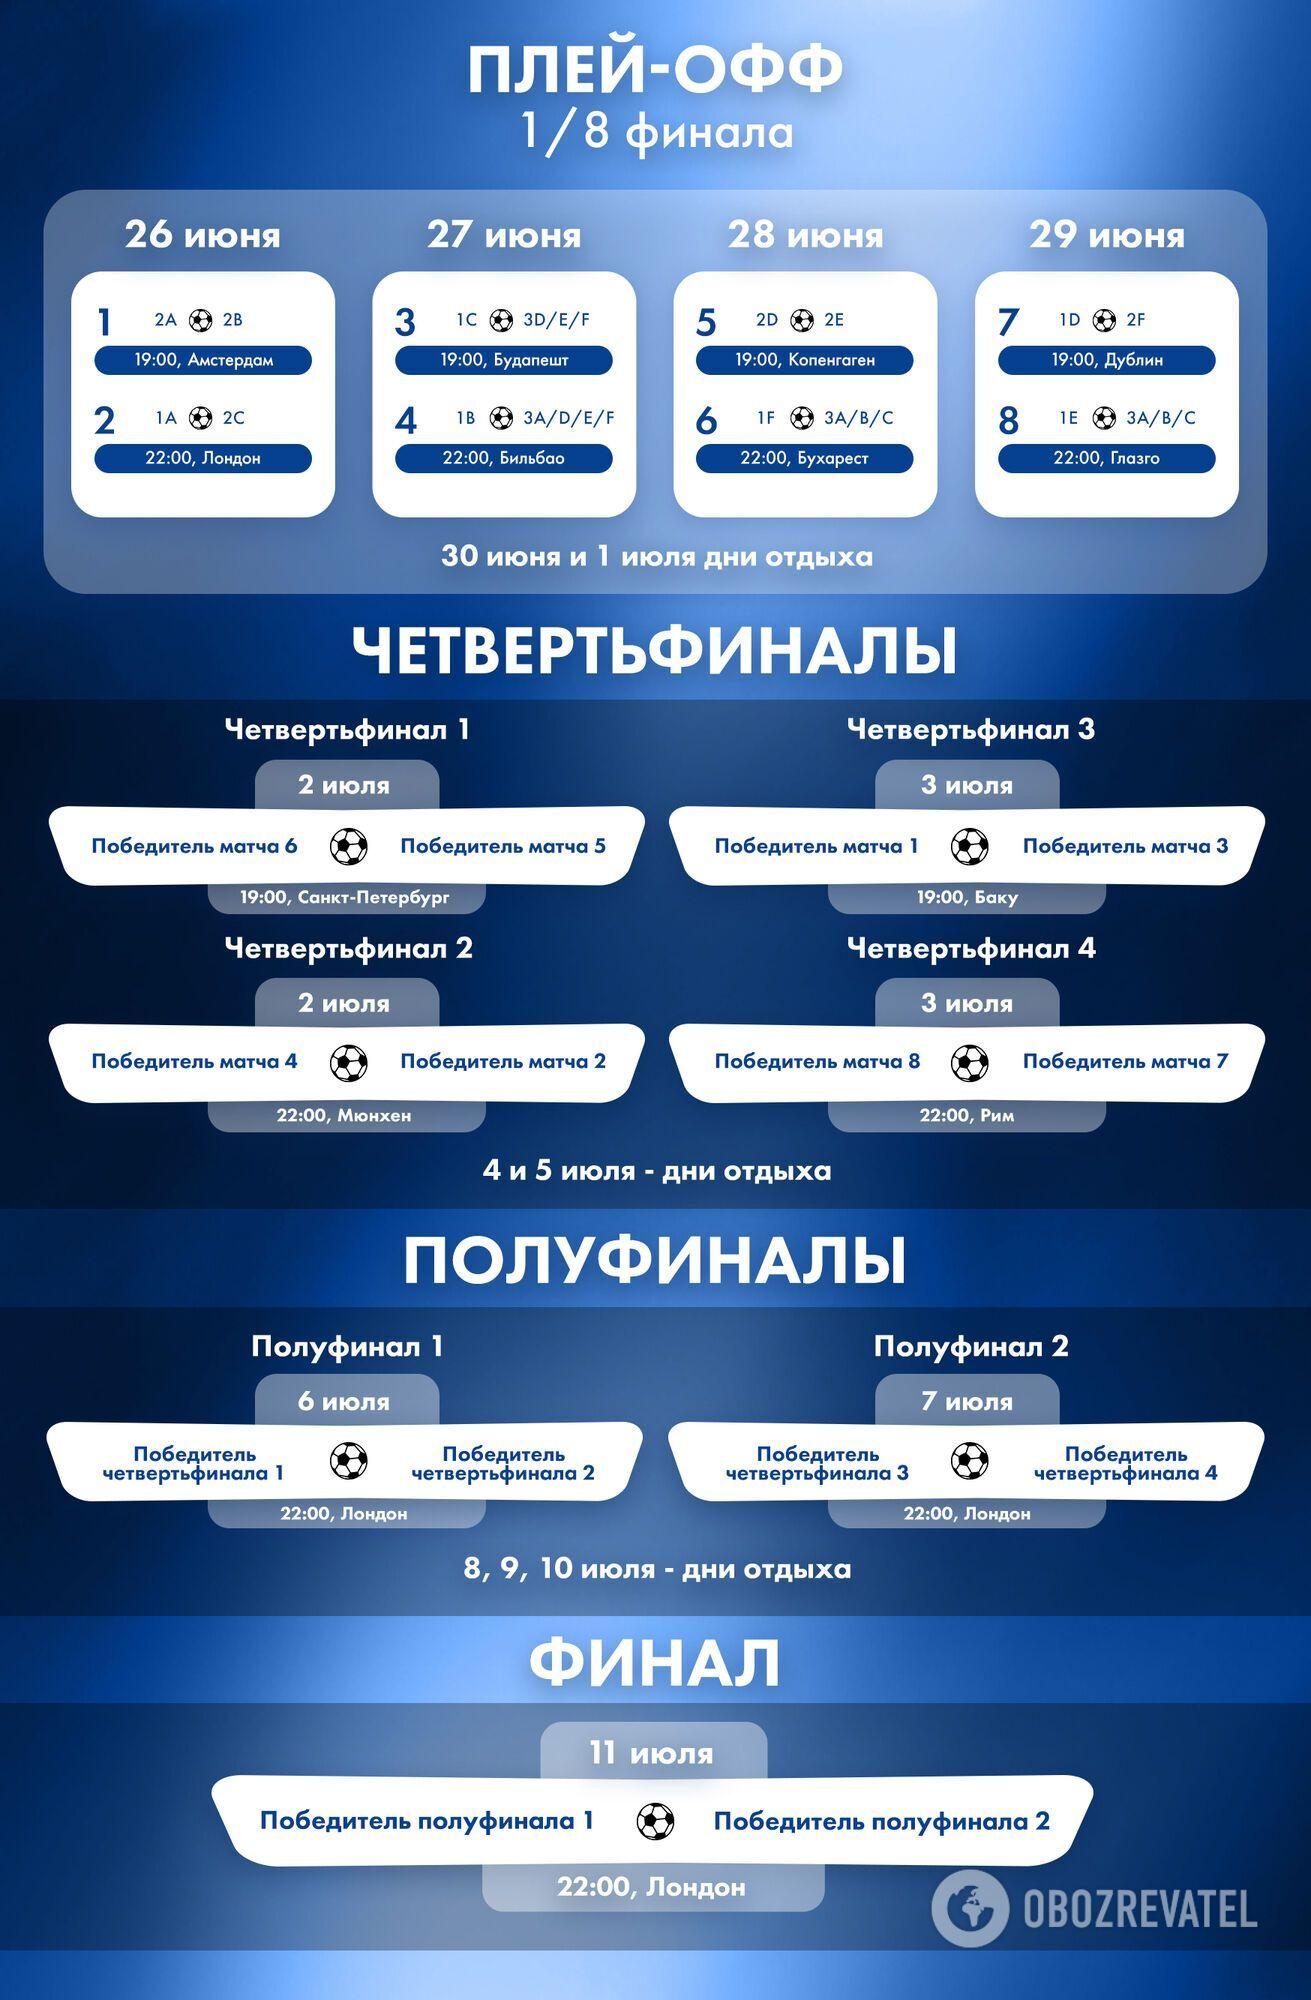 Расписание плей-офф Евро-2020.